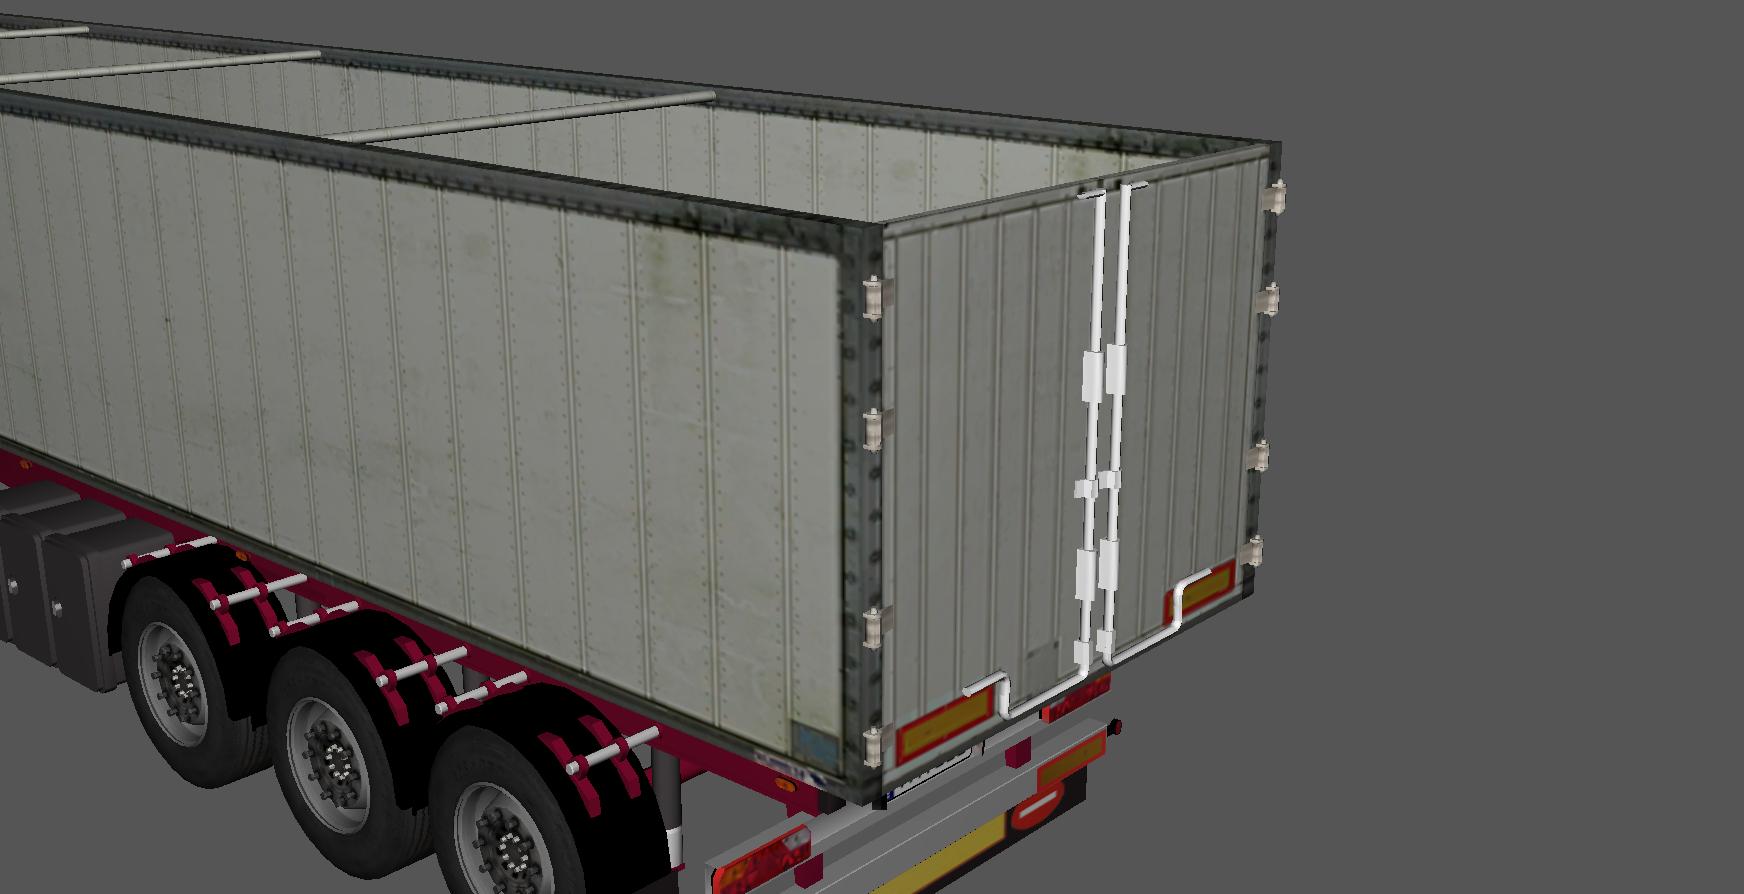 [T.E.P.] Semitrailer  2u8u7x